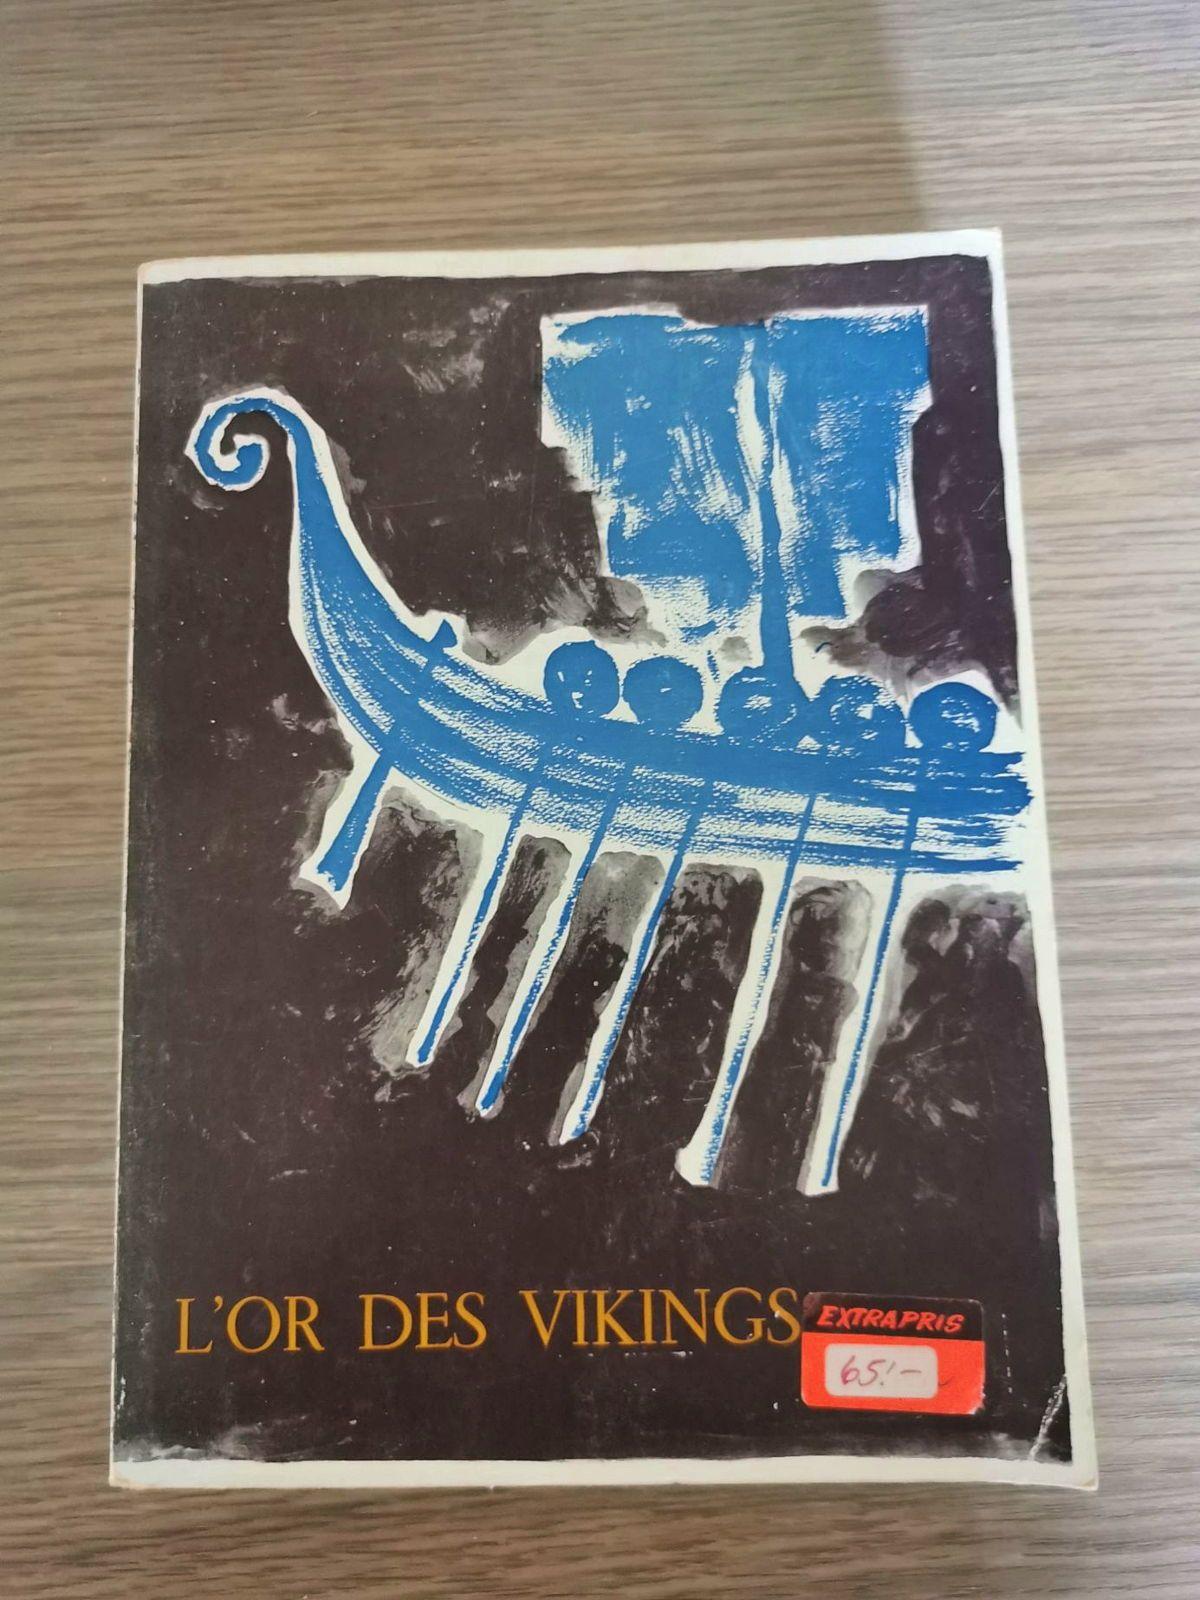 Vends libre L'Or des Vikings